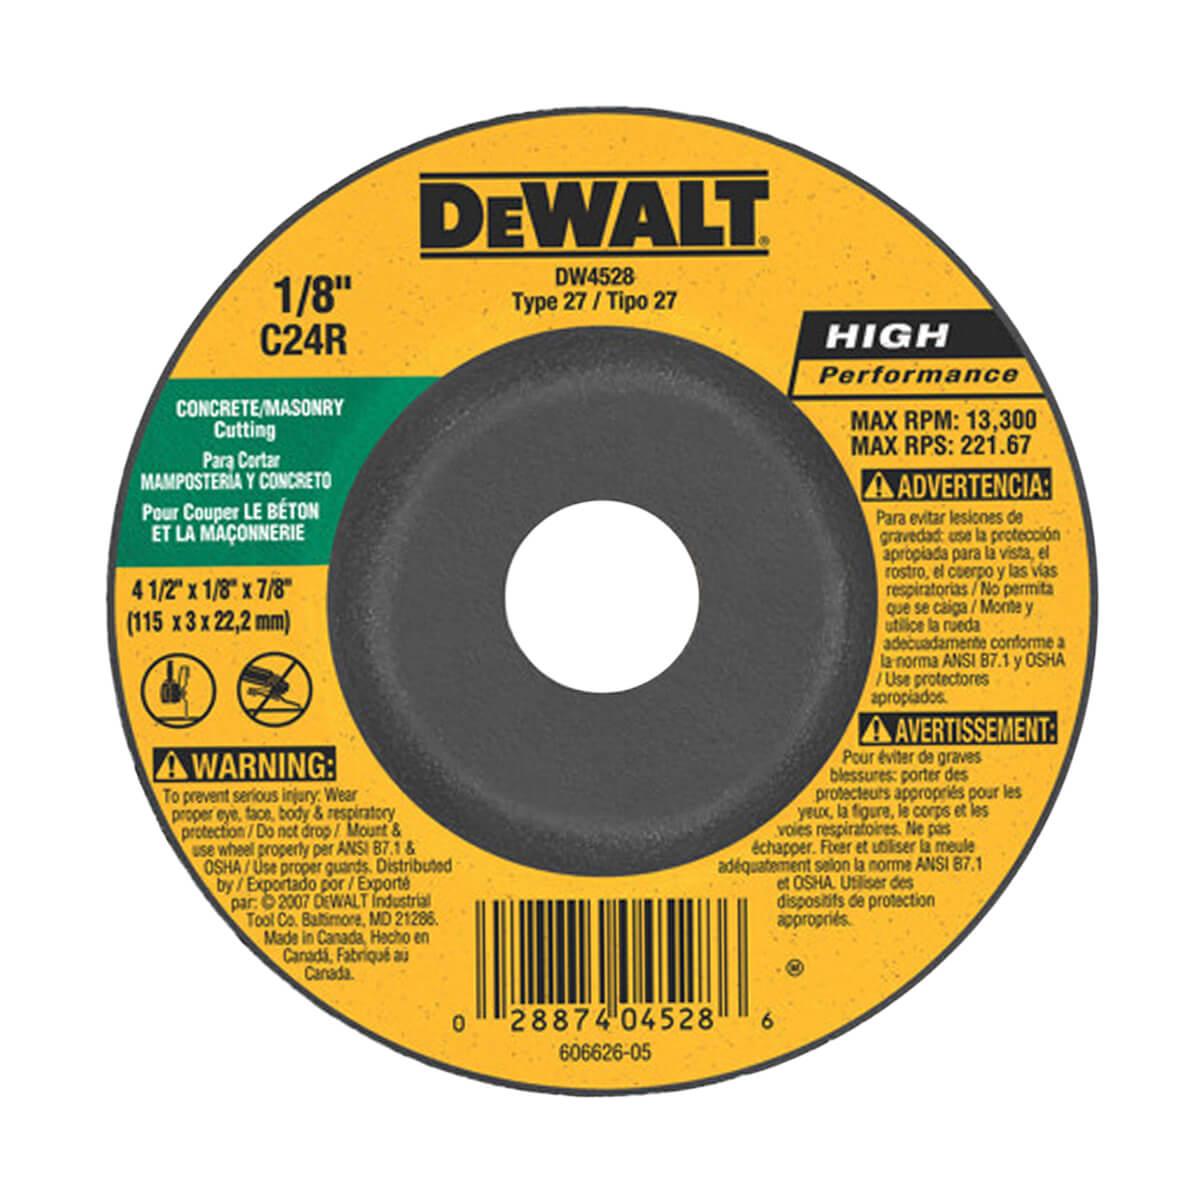 """DEWALT Concrete/Masonry Cutting Wheel - 4-1/2"""" x 1/8"""" x 7/8"""""""